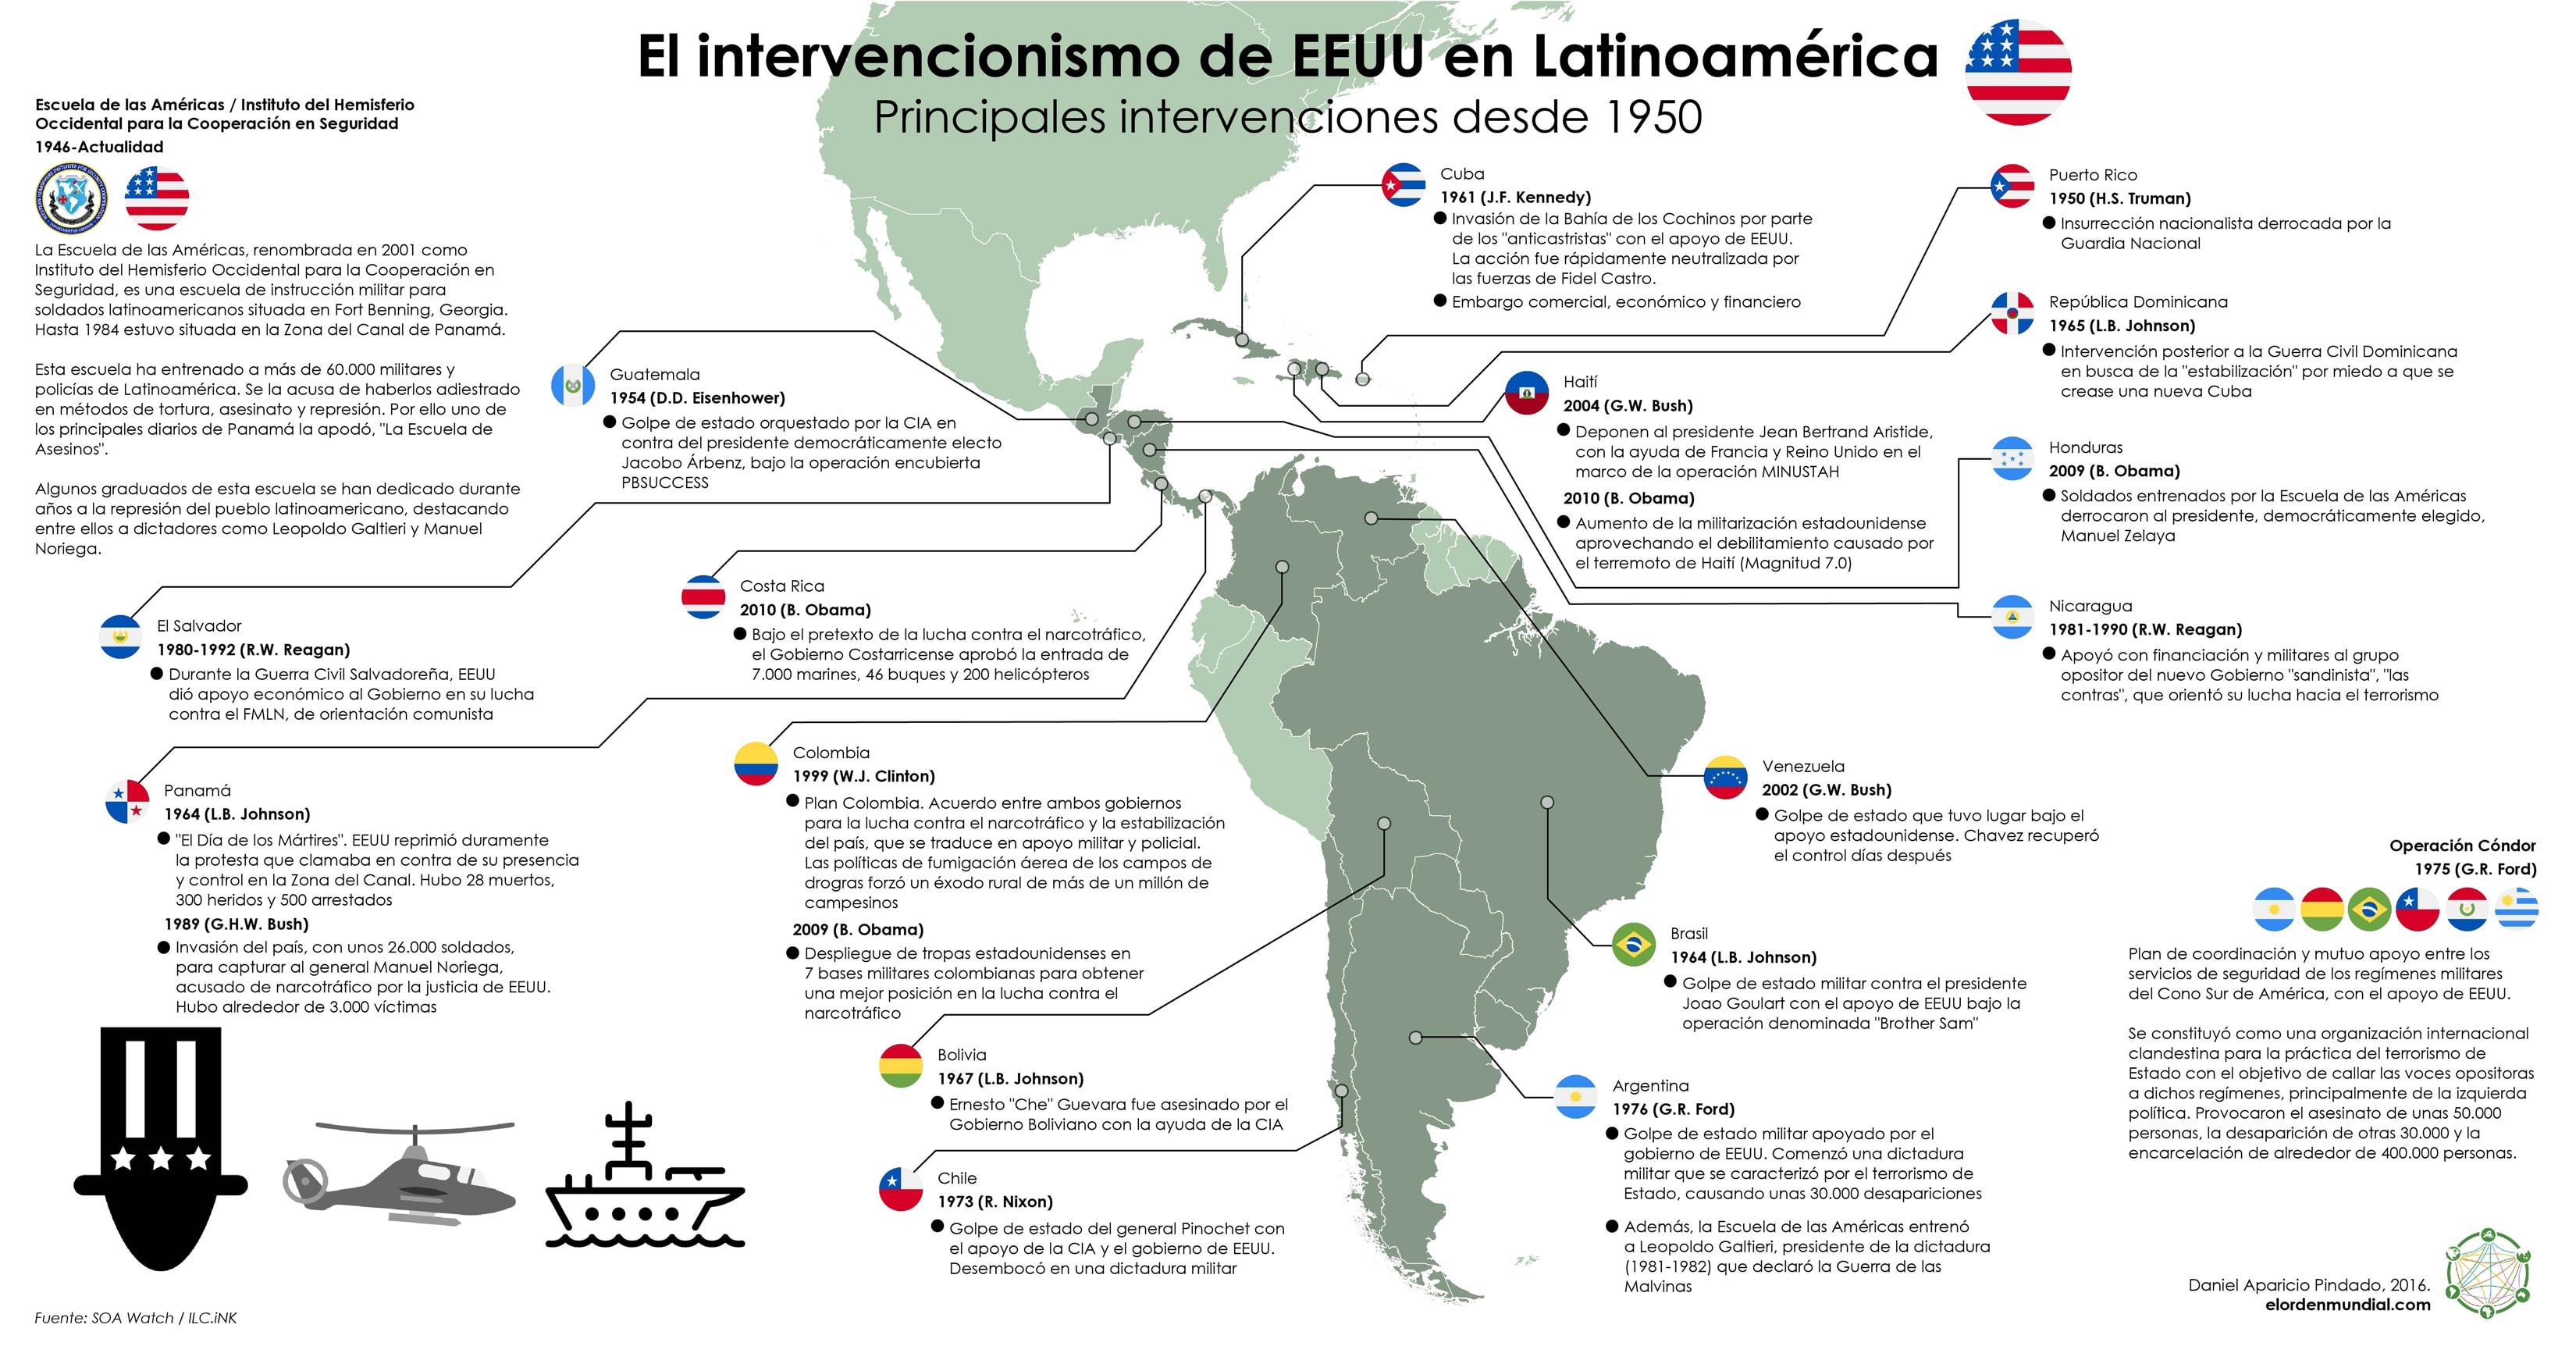 EE UU en Latinoamrica  El Orden Mundial en el SXXI